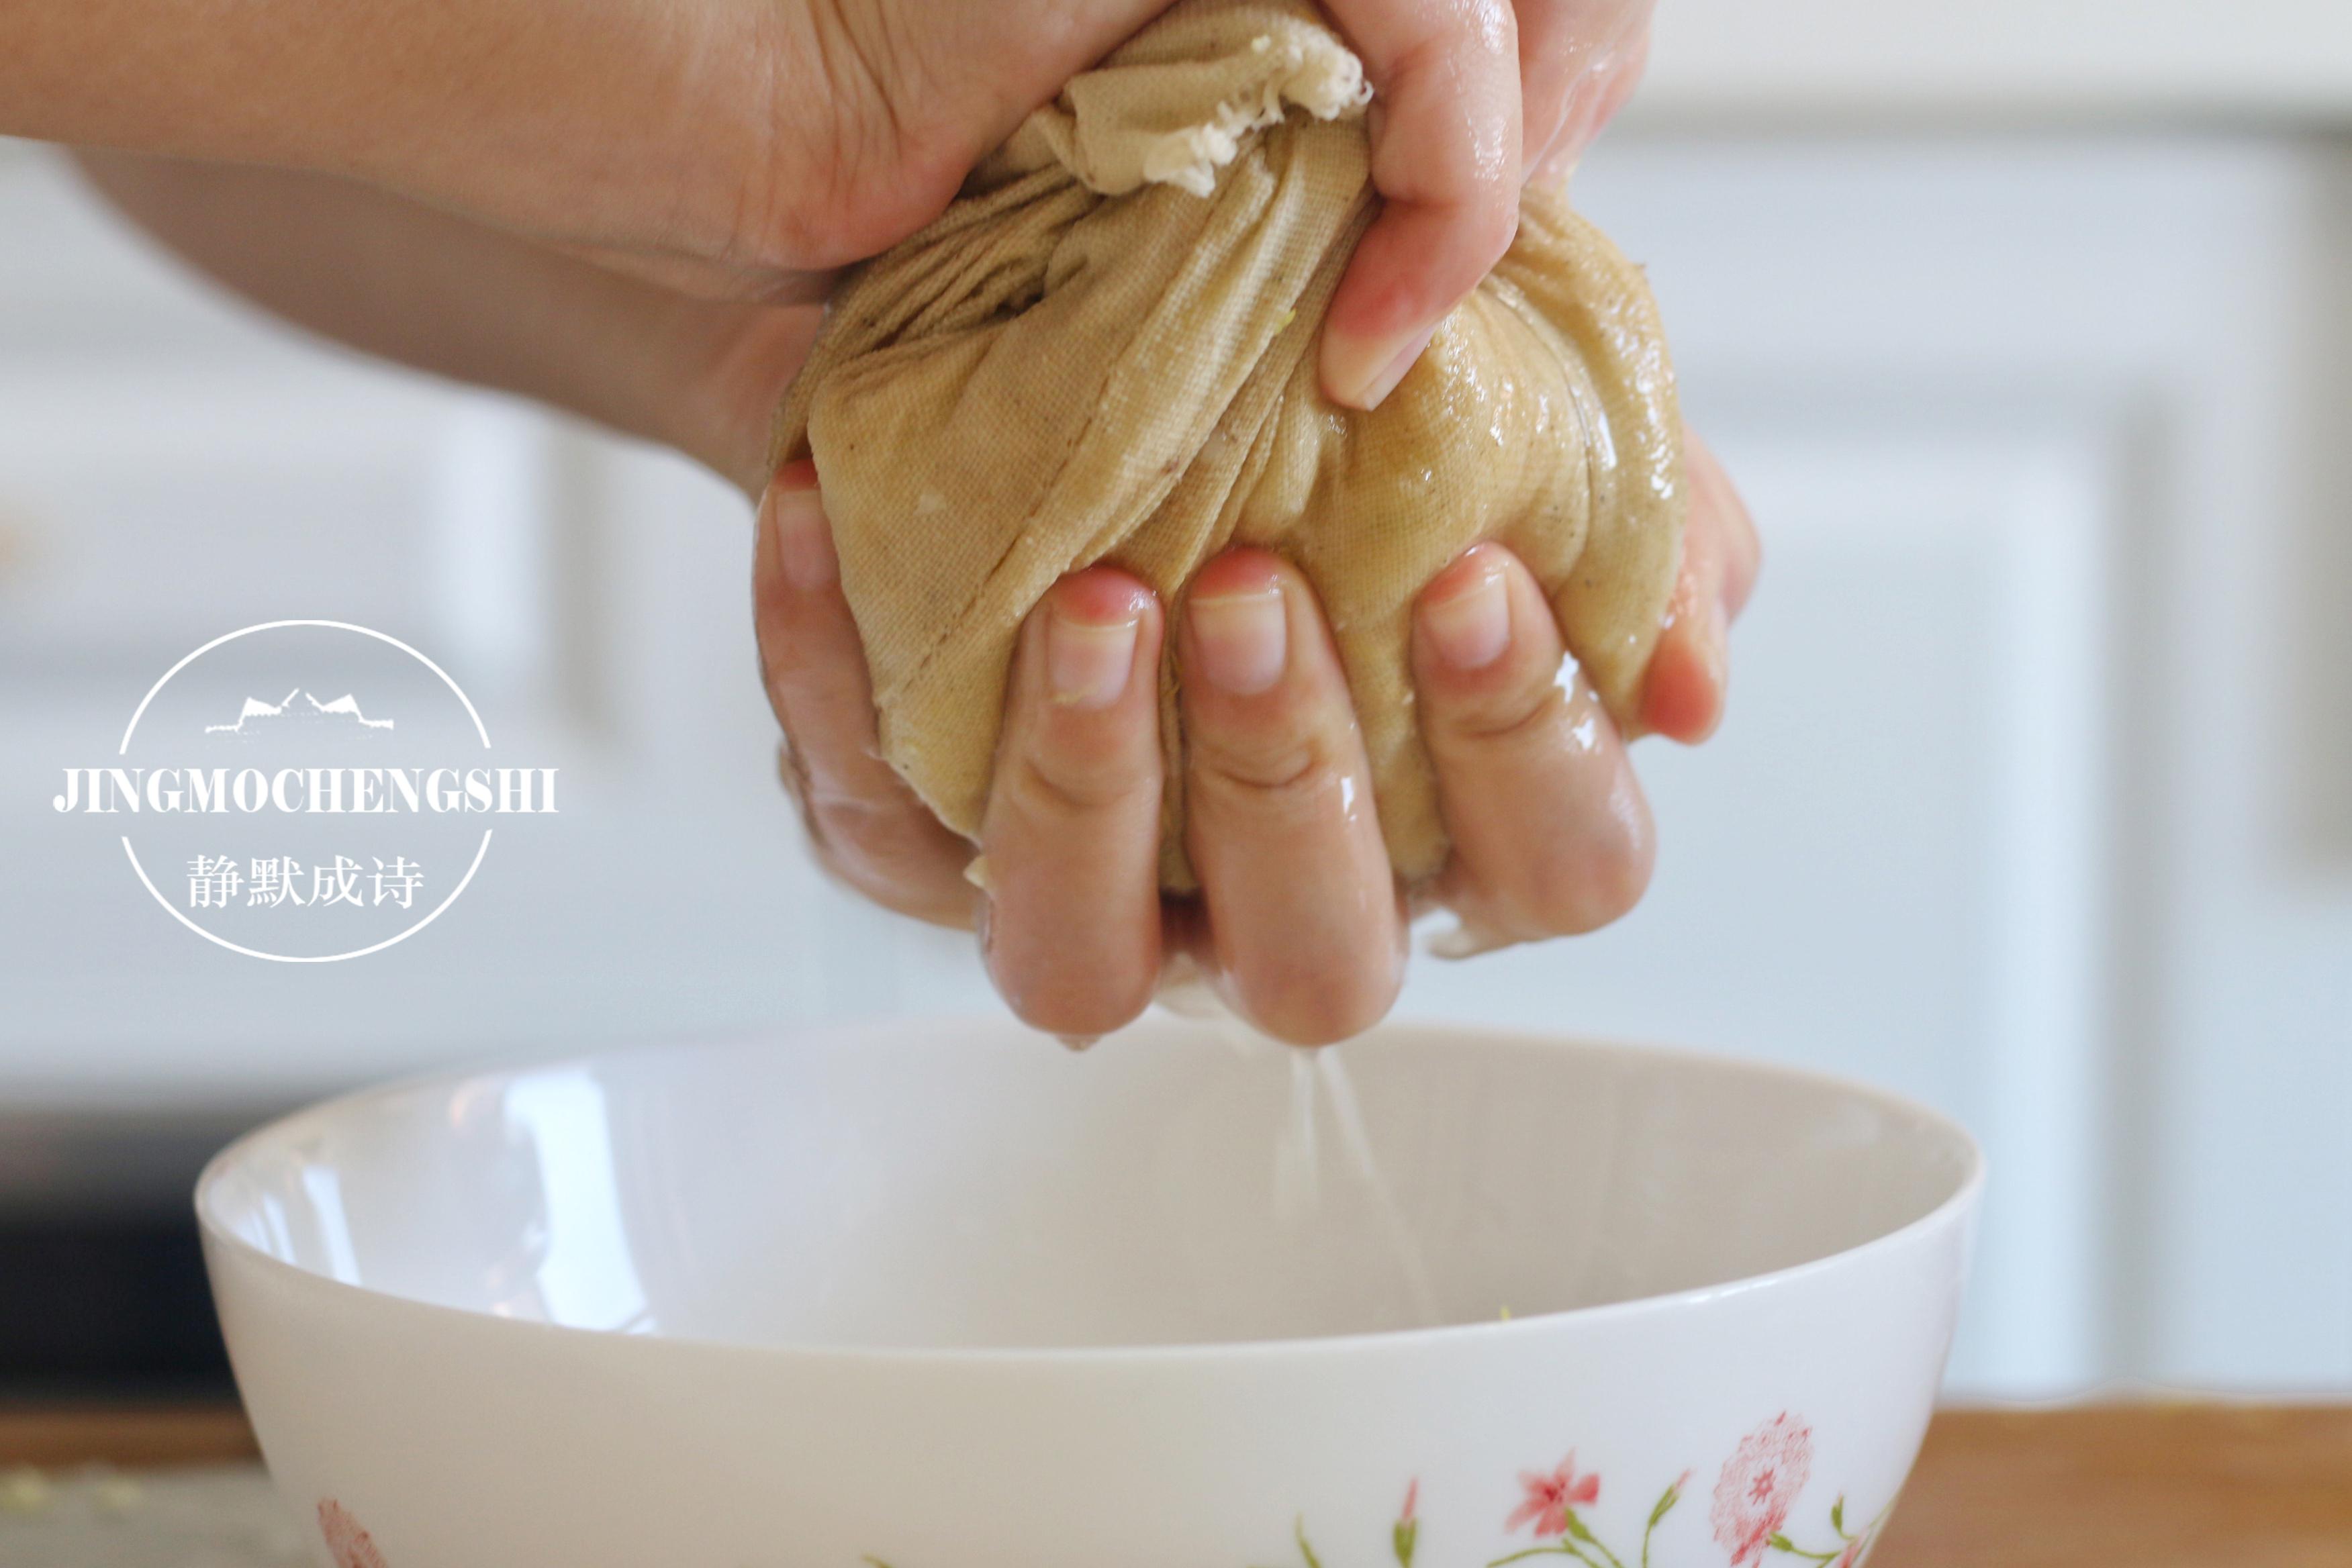 你吃過用油渣兒做的大包子嗎? 真香! 平時吃一個現在吃倆